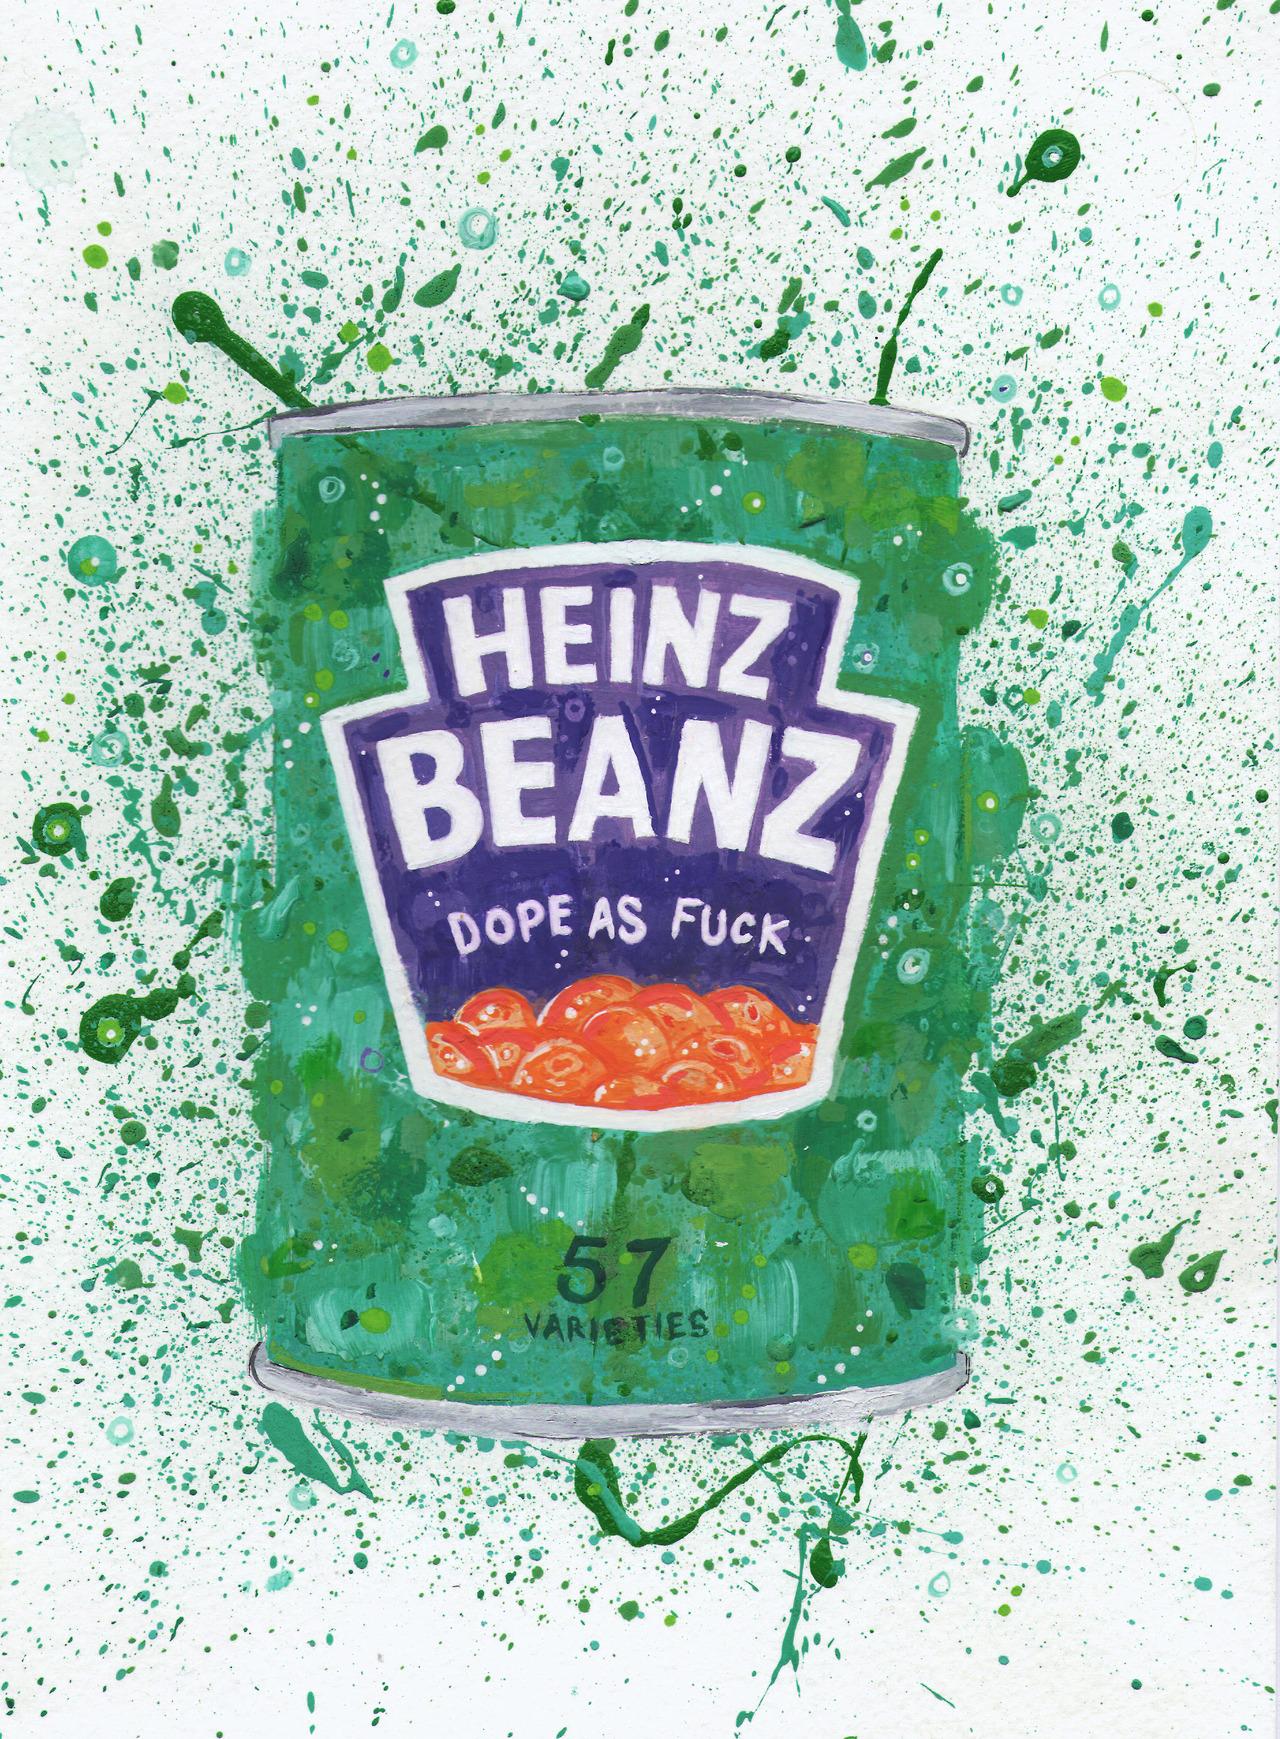 Heinz Benz